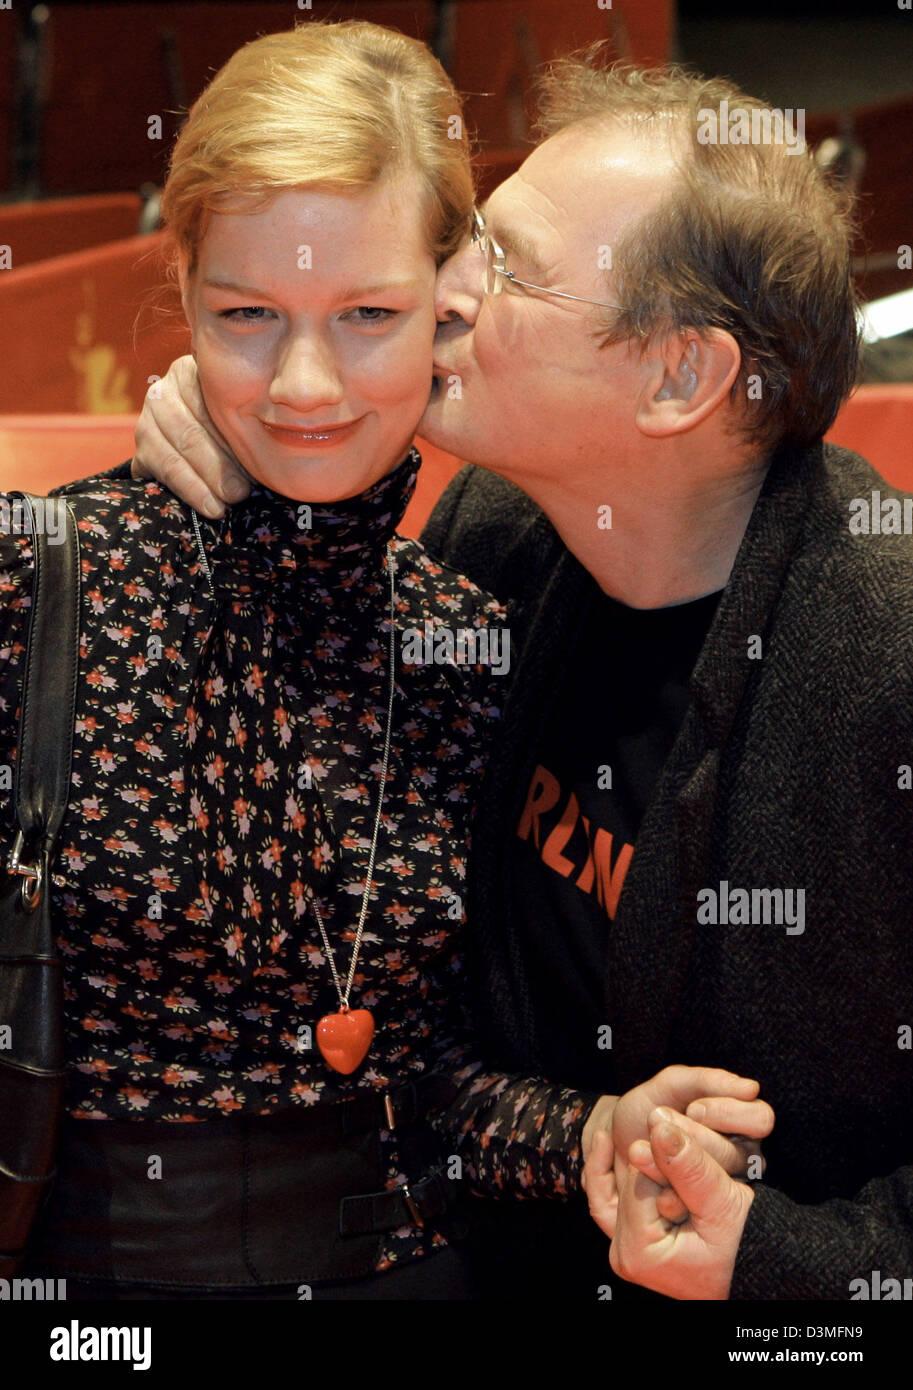 Schauspieler Burghart Klaußner küsst seine Kollegin Sandra Hueller während der 56. Internationalen Stockbild